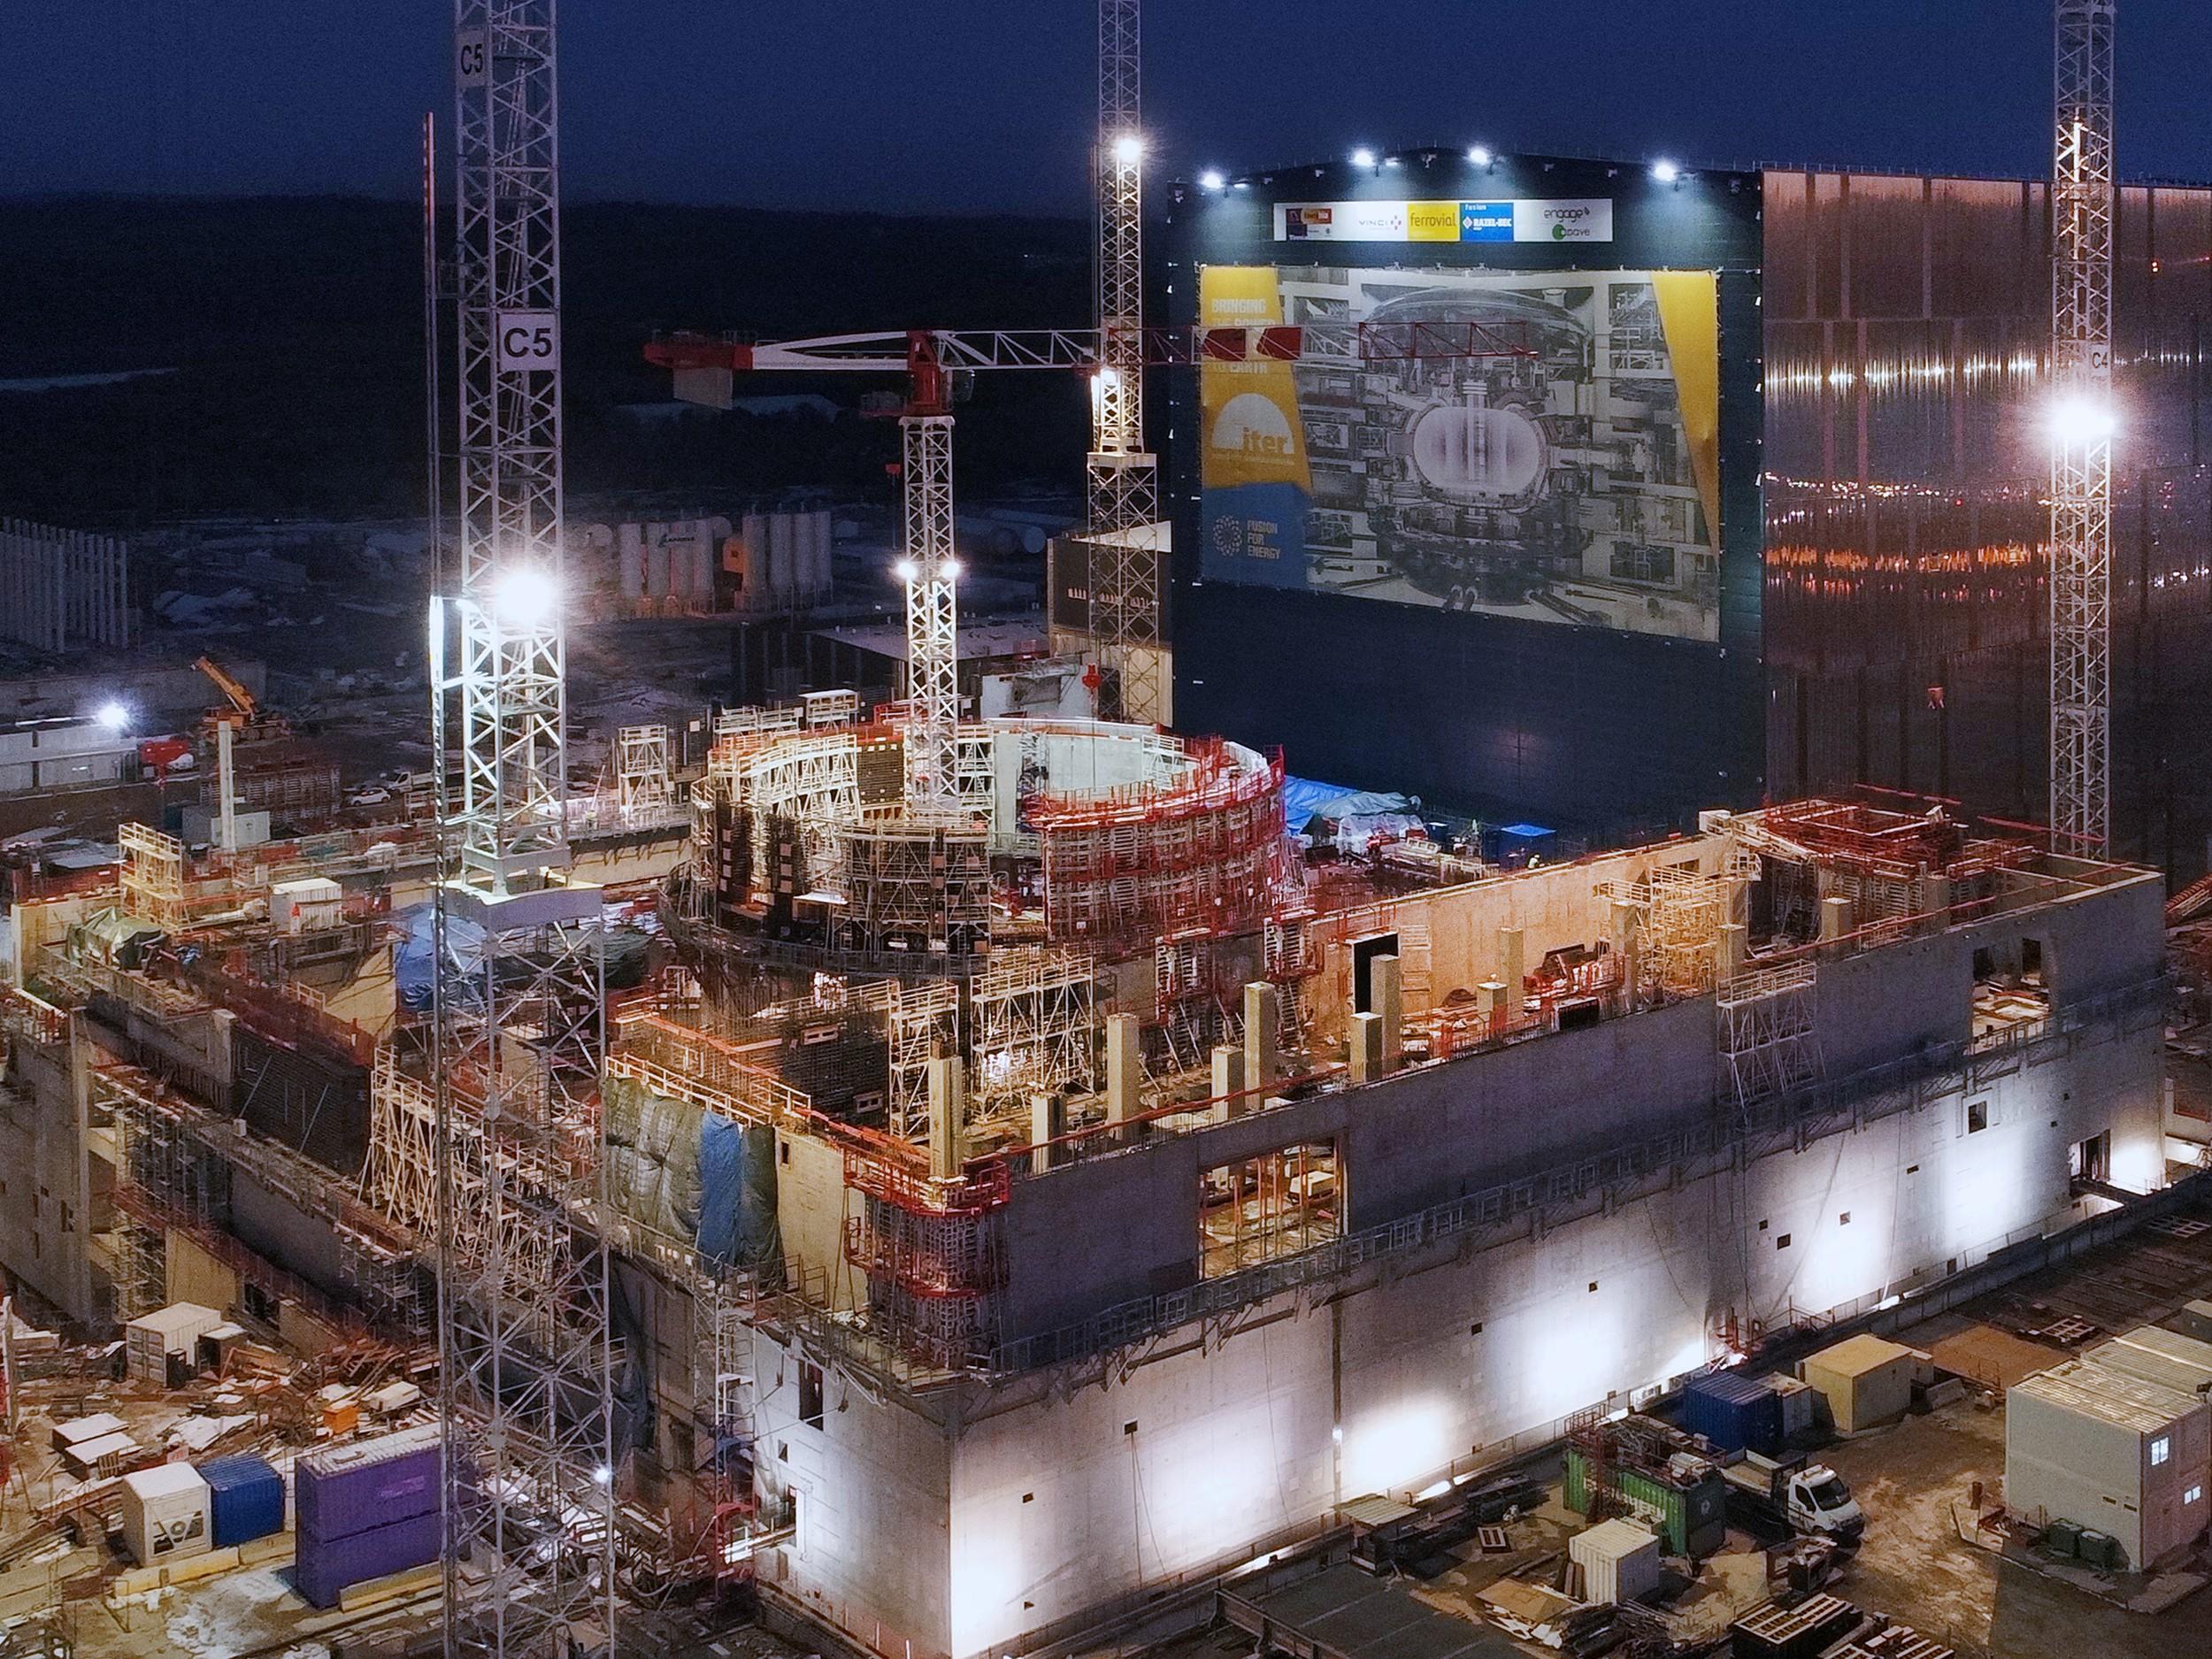 Проект ИТЭР в 2017 году будет, токамака, монтаж, реактора, первые, сборки, катушки, элементов, метров, проекта, оборудования, системы, должен, этого, Однако, SPIDER, конструкция, время, площадке, плазмы